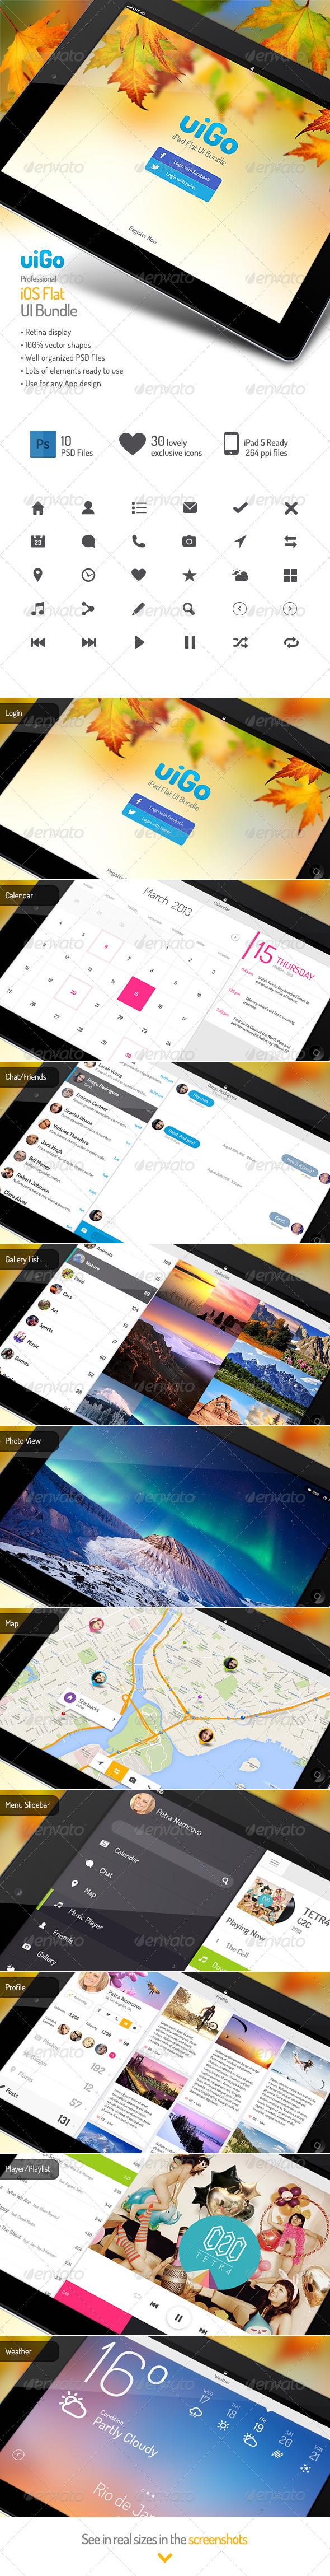 GraphicRiver uiGo Tablet UI Bundle 5502544